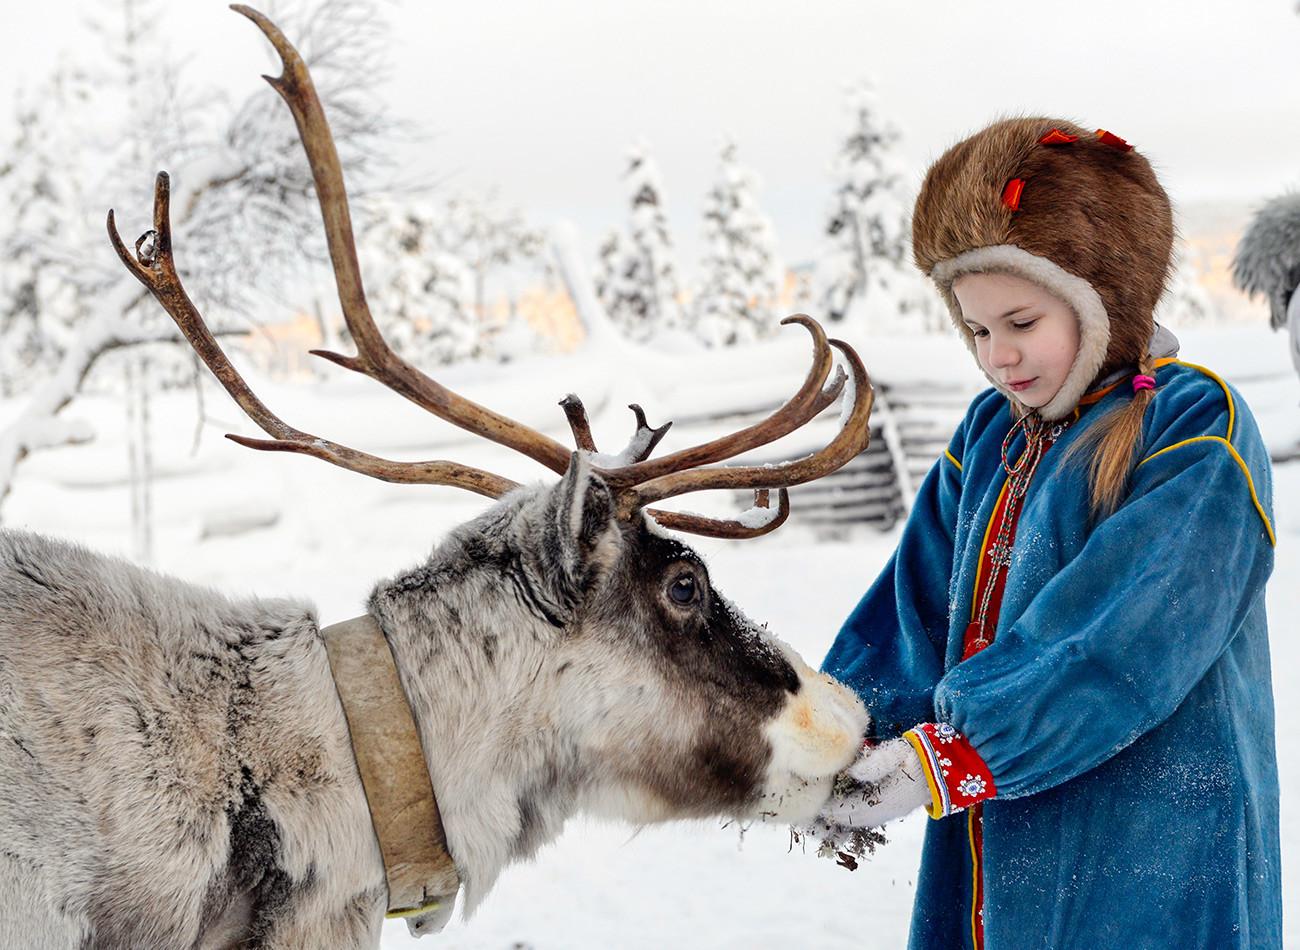 Une fillette nourrit un renne lors de la Journée internationale des Samis dans une communauté voisine appelée